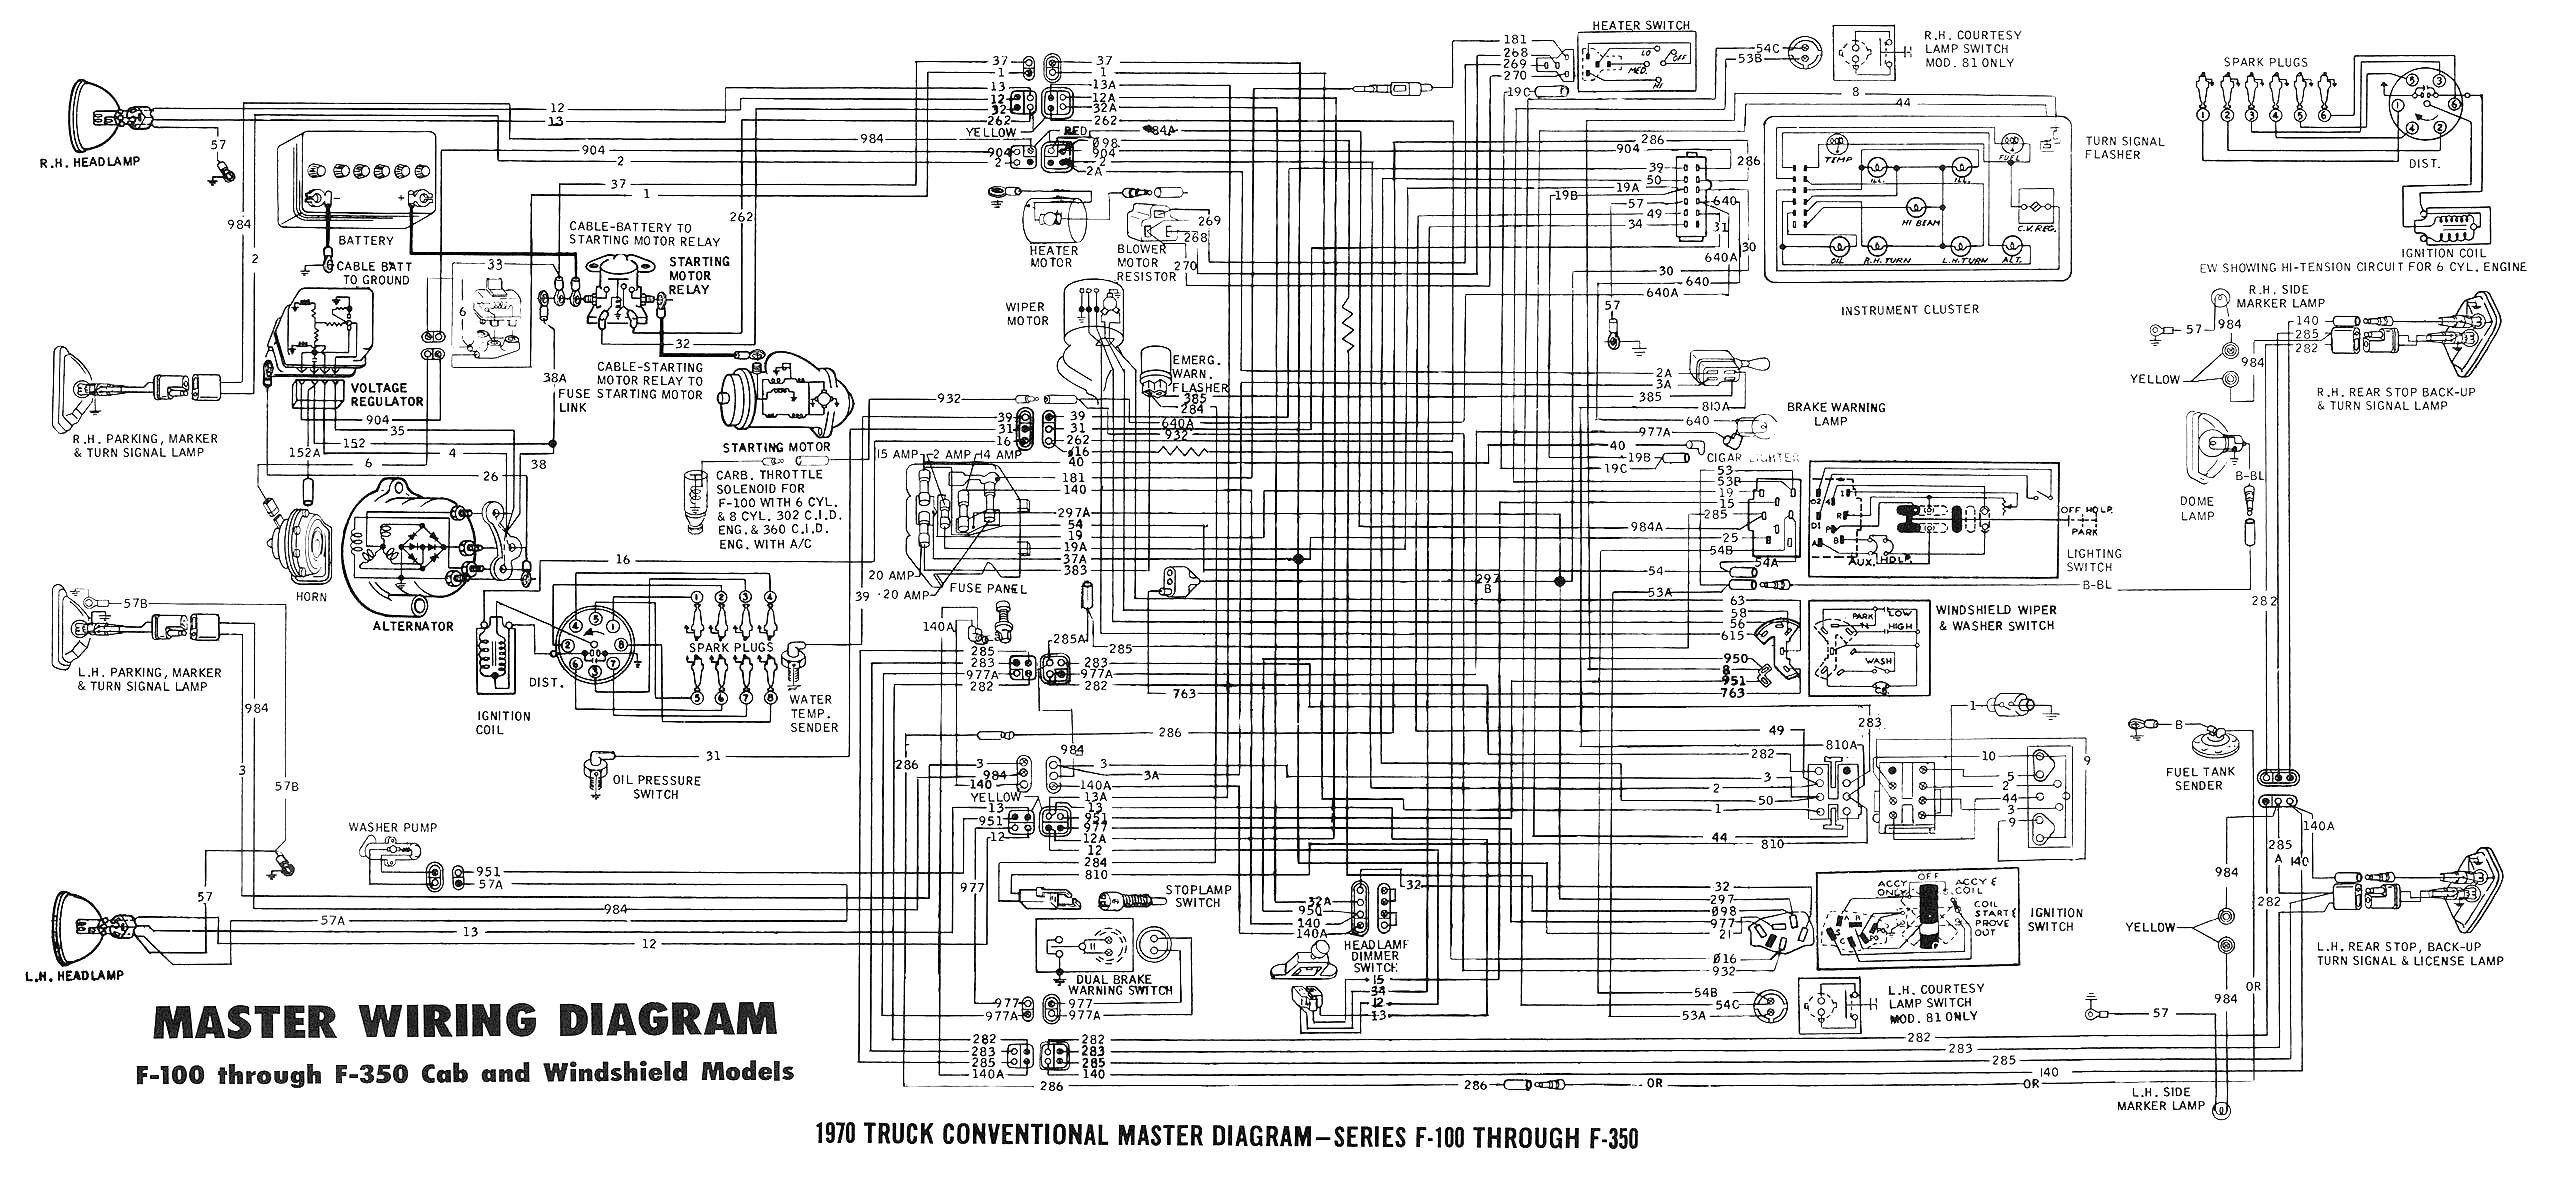 1983 Toyota Pickup Wiring Diagram In 2021 Wiring Diagram Alternator Wiring Diagram Diagram